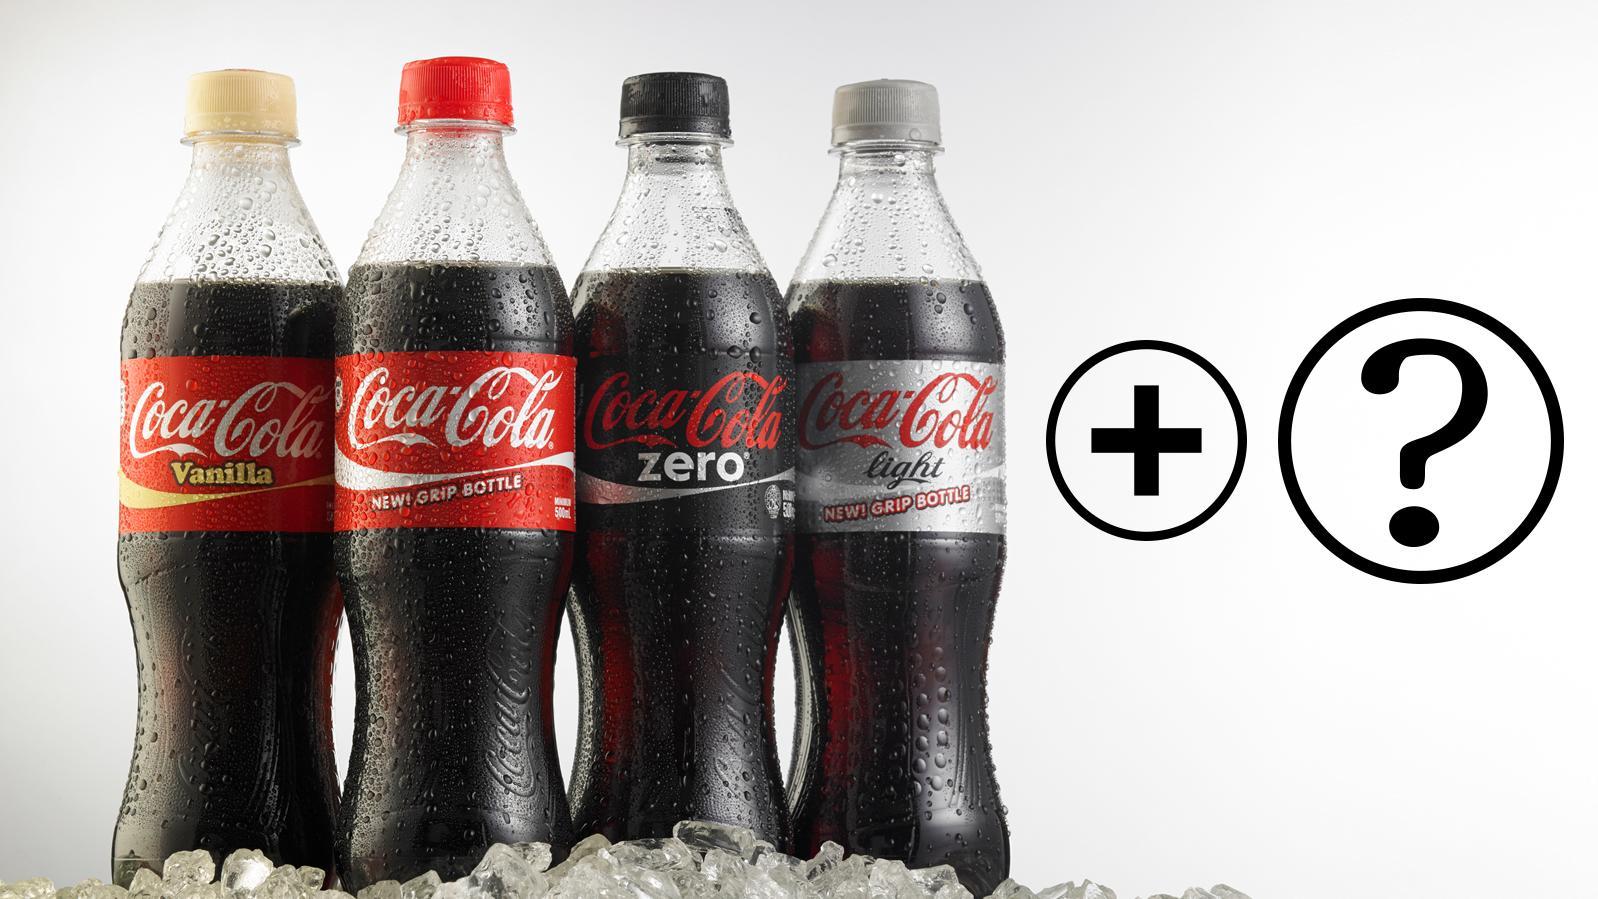 Wir verraten, wonach die neue Cola schmeckt und wann und wo sie erhältlich sein wird.